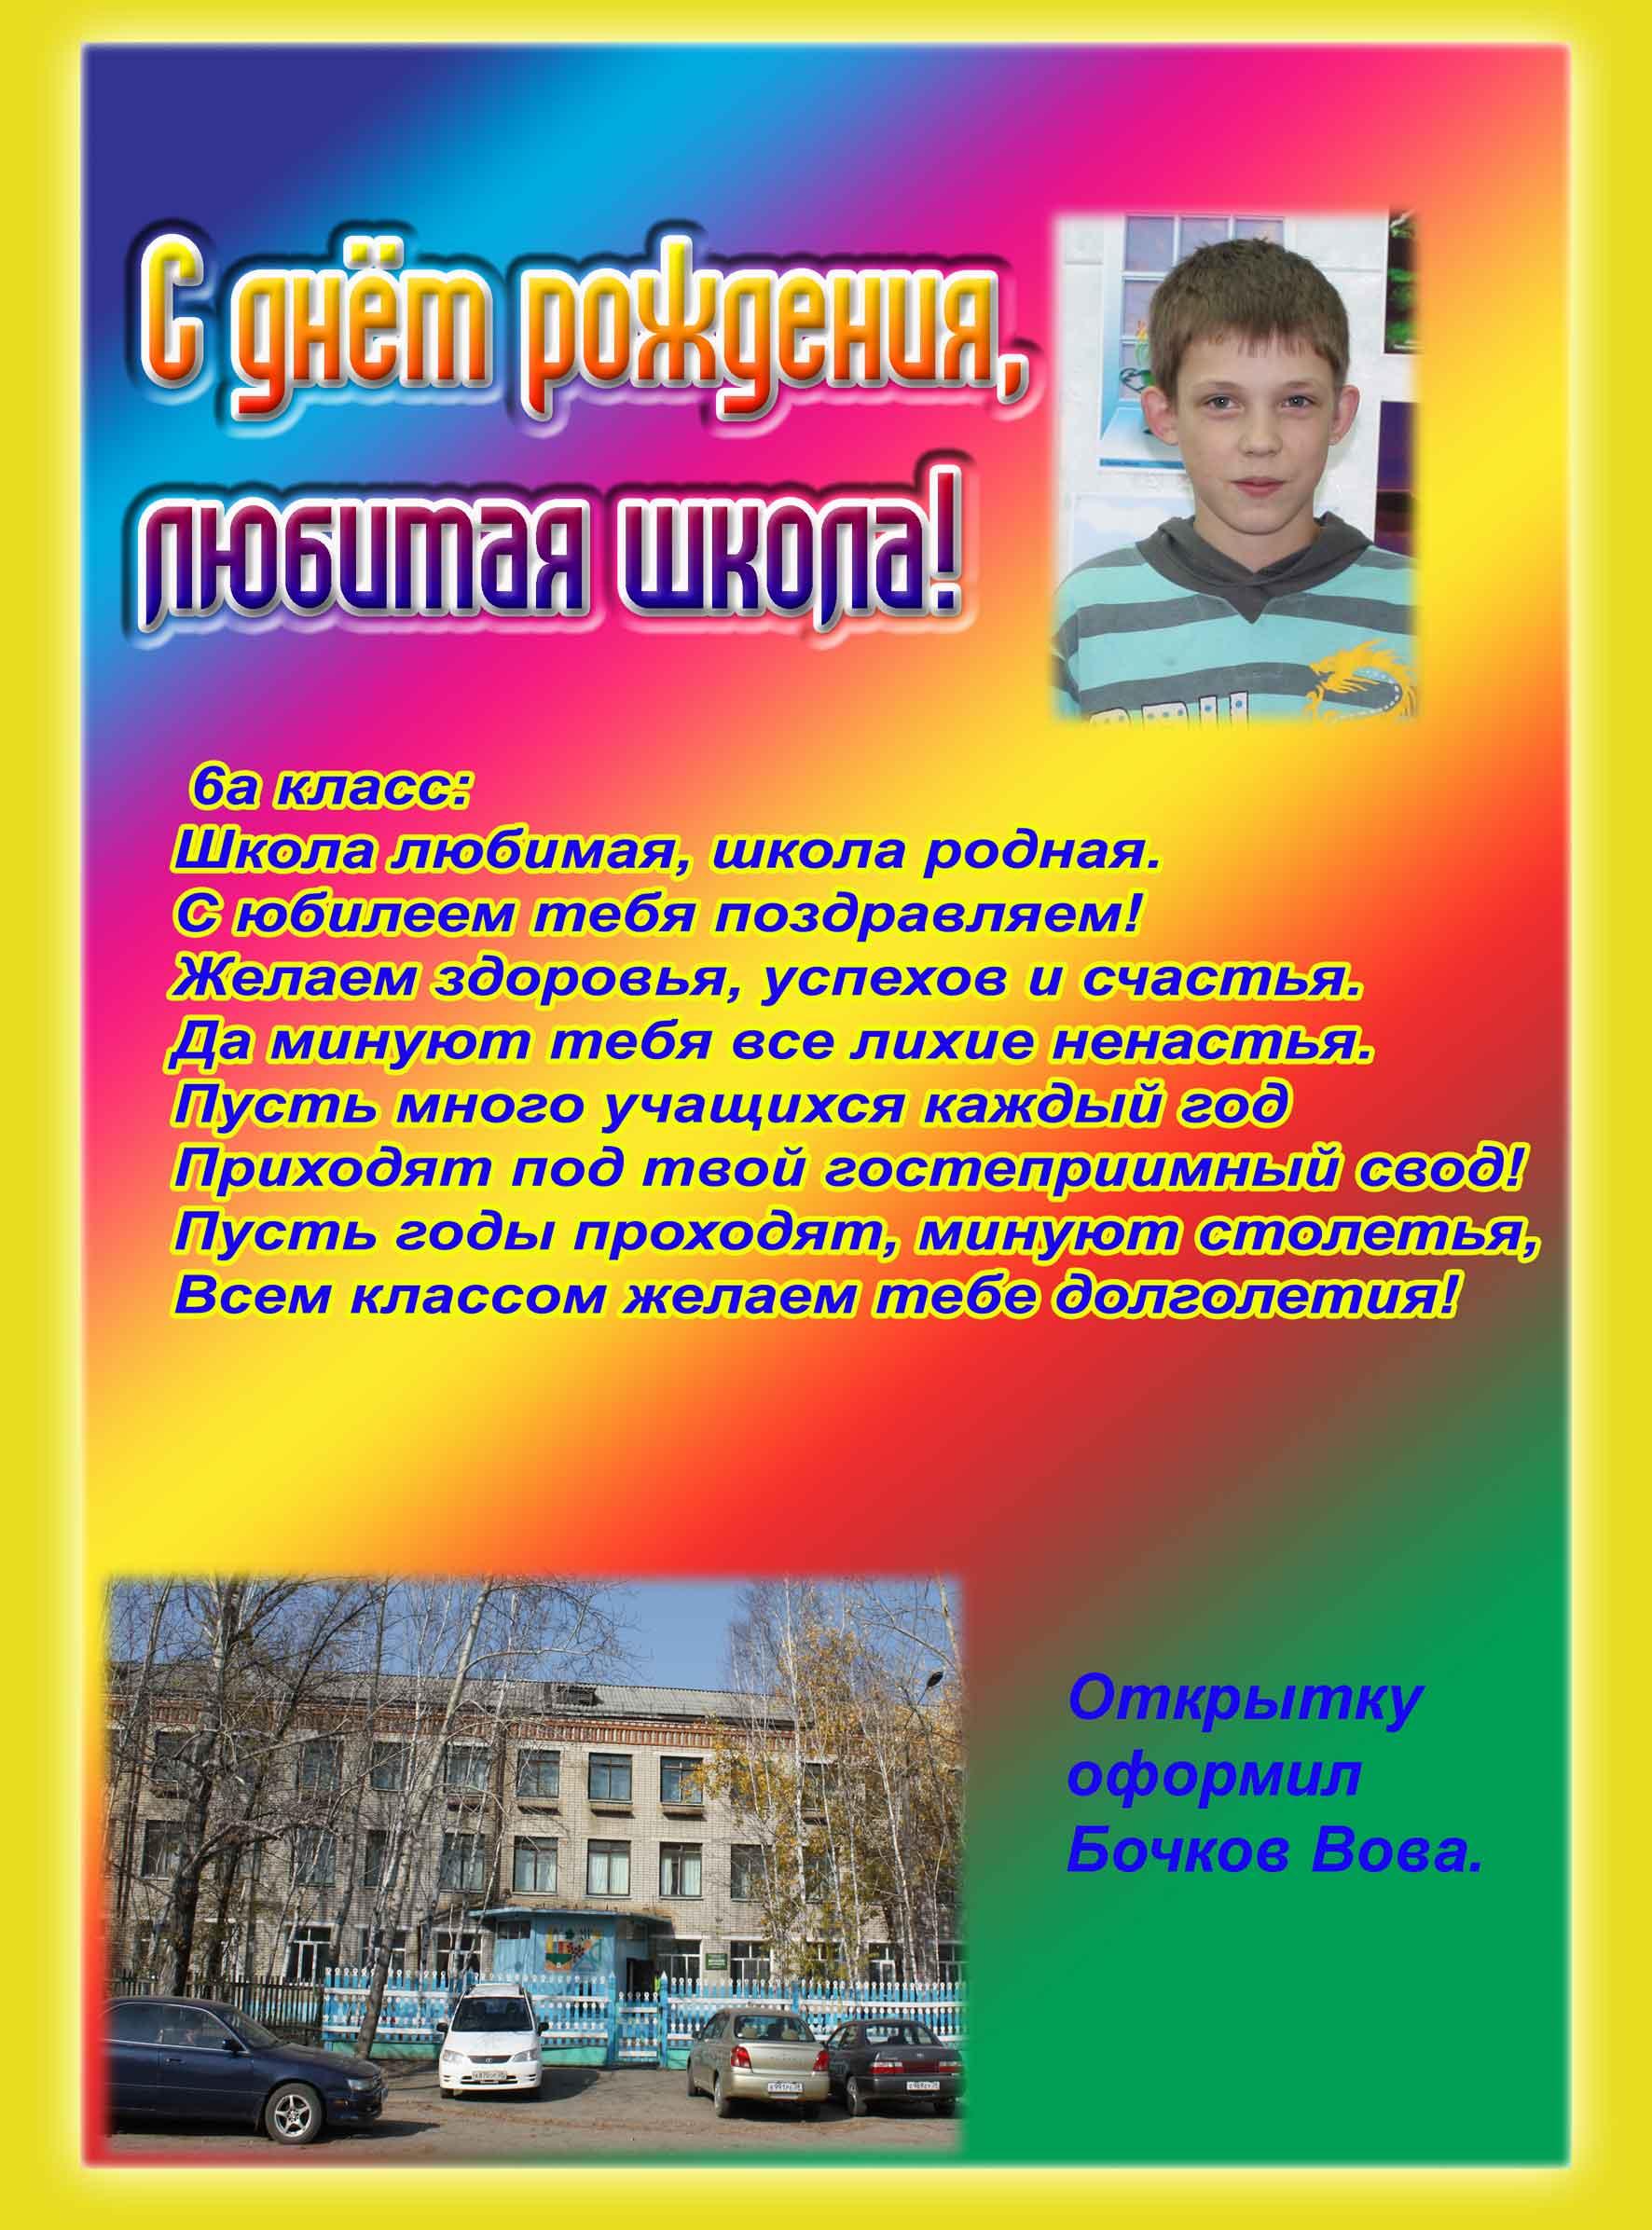 Поздравления с днём рождения школы